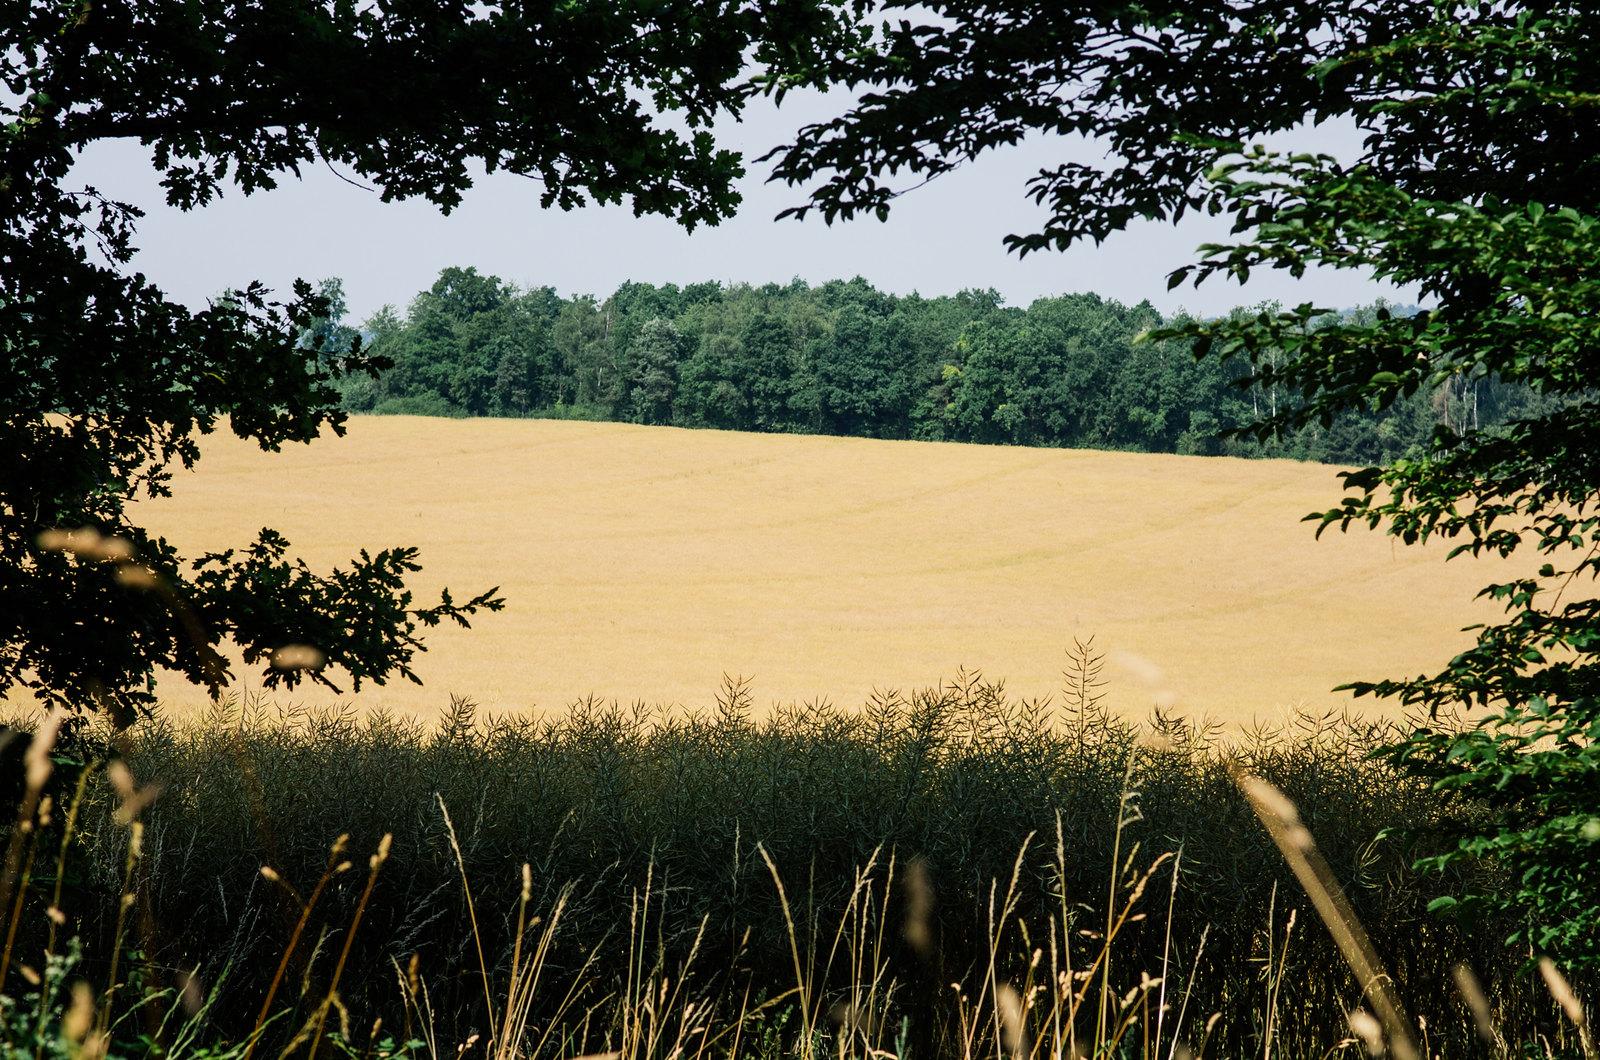 Tourisme rural dans la Meuse - Canicule, confiture et agriculture